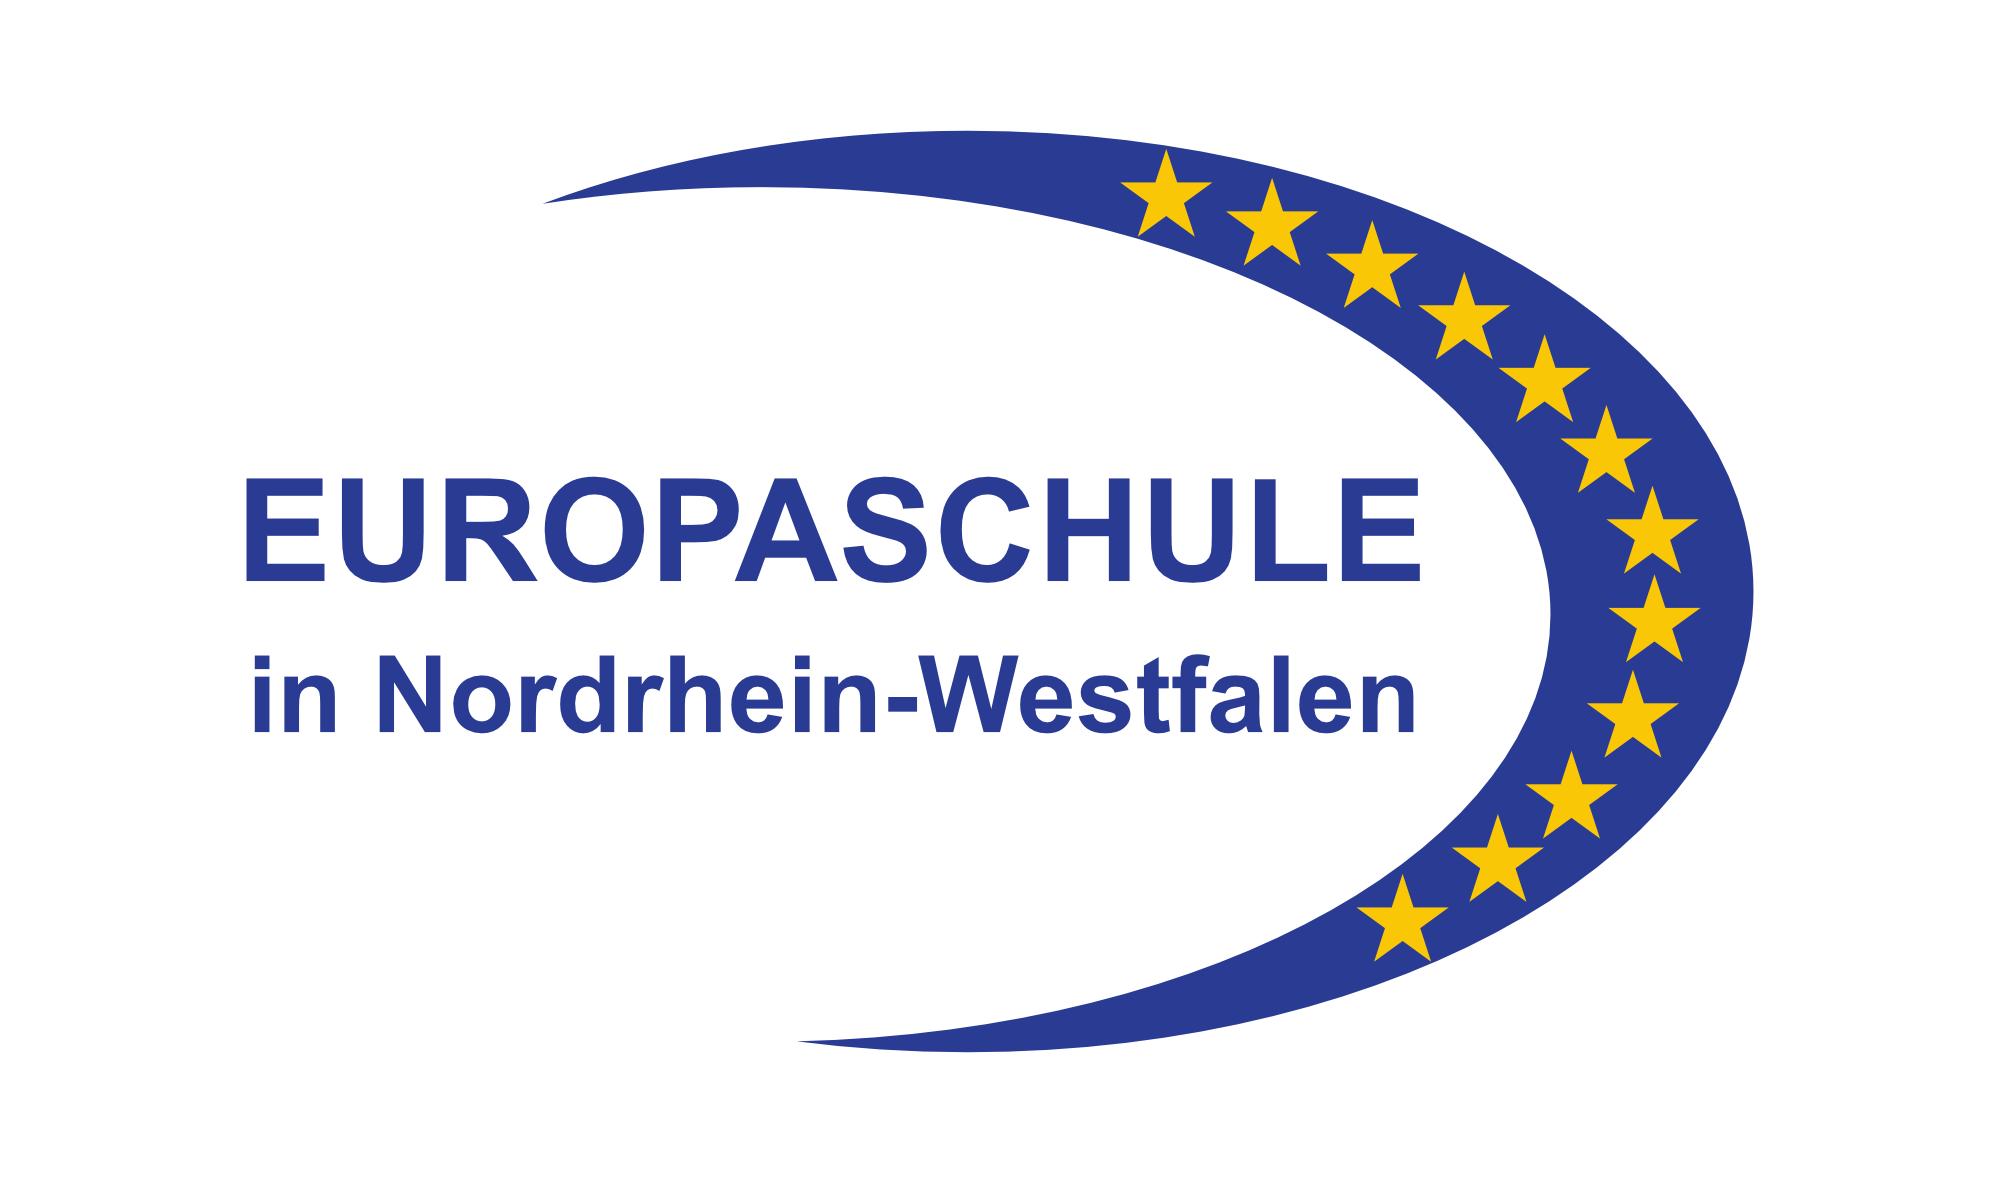 Logo-Europaschule-NRW für EUS